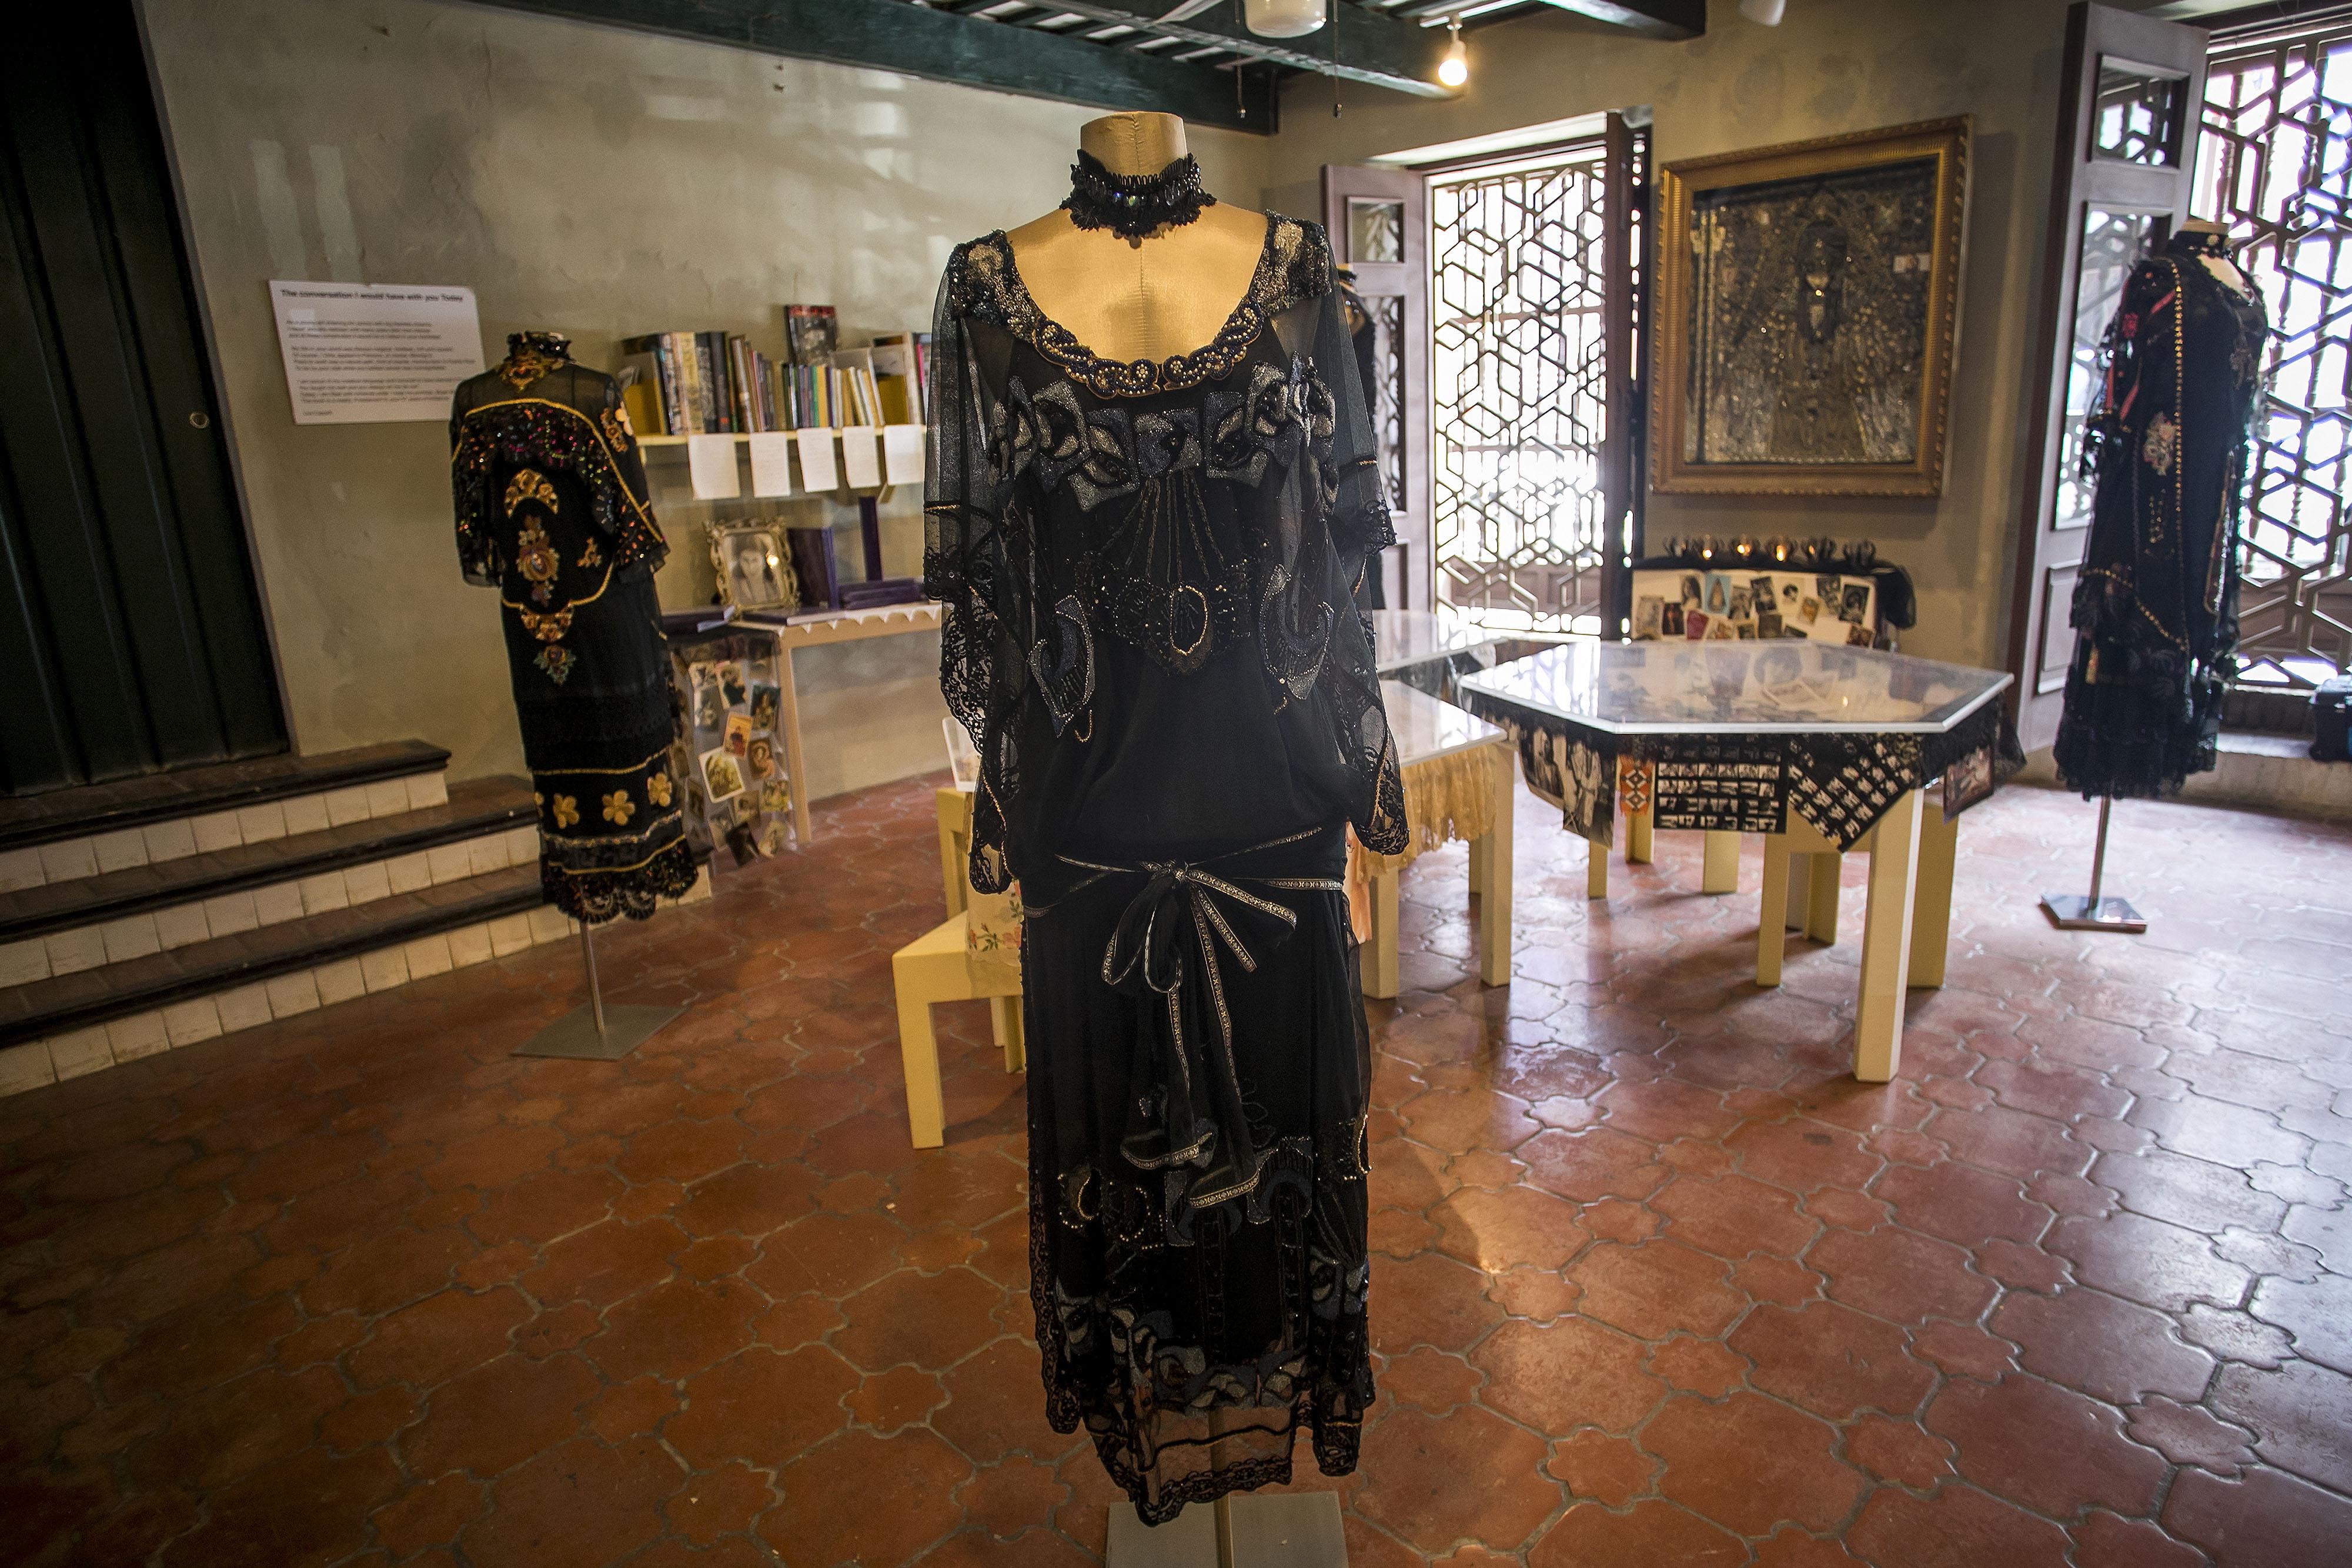 La exposición ocupa el primer piso del edificio, mientras que en la segunda planta hay un solo vestido de la diseñadora fallecida a los 57 años a consecuencia del cáncer. (Foto: Xavier García)